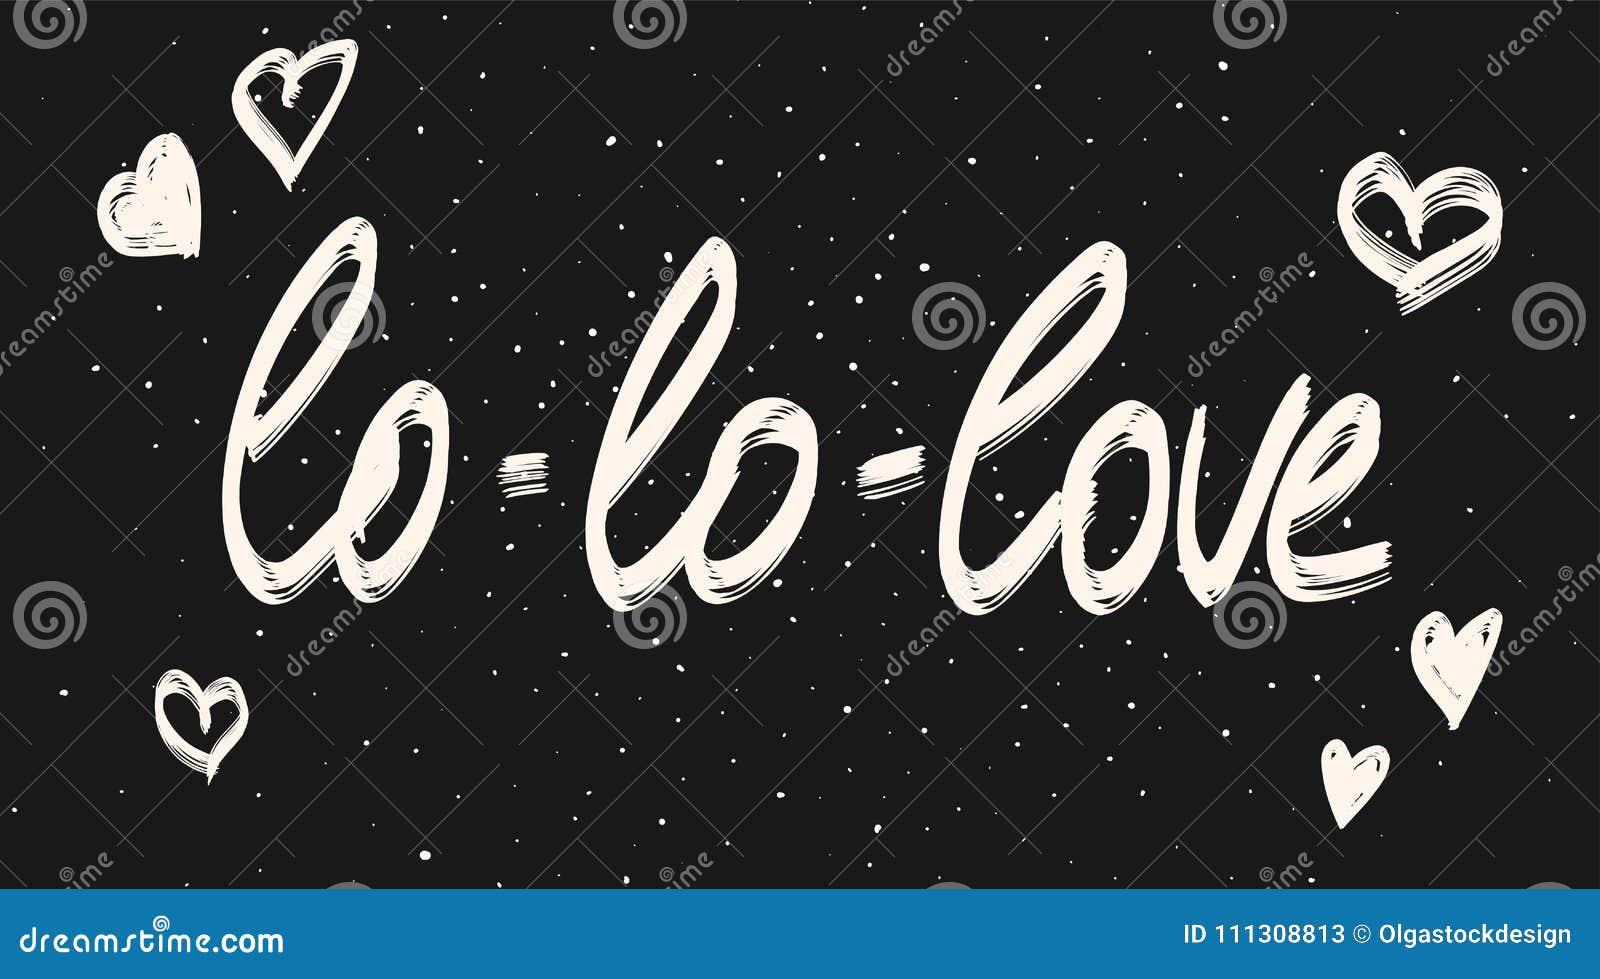 Frase Da Caligrafia Do Amor Texto Branco No Quadro Preto Ilustração